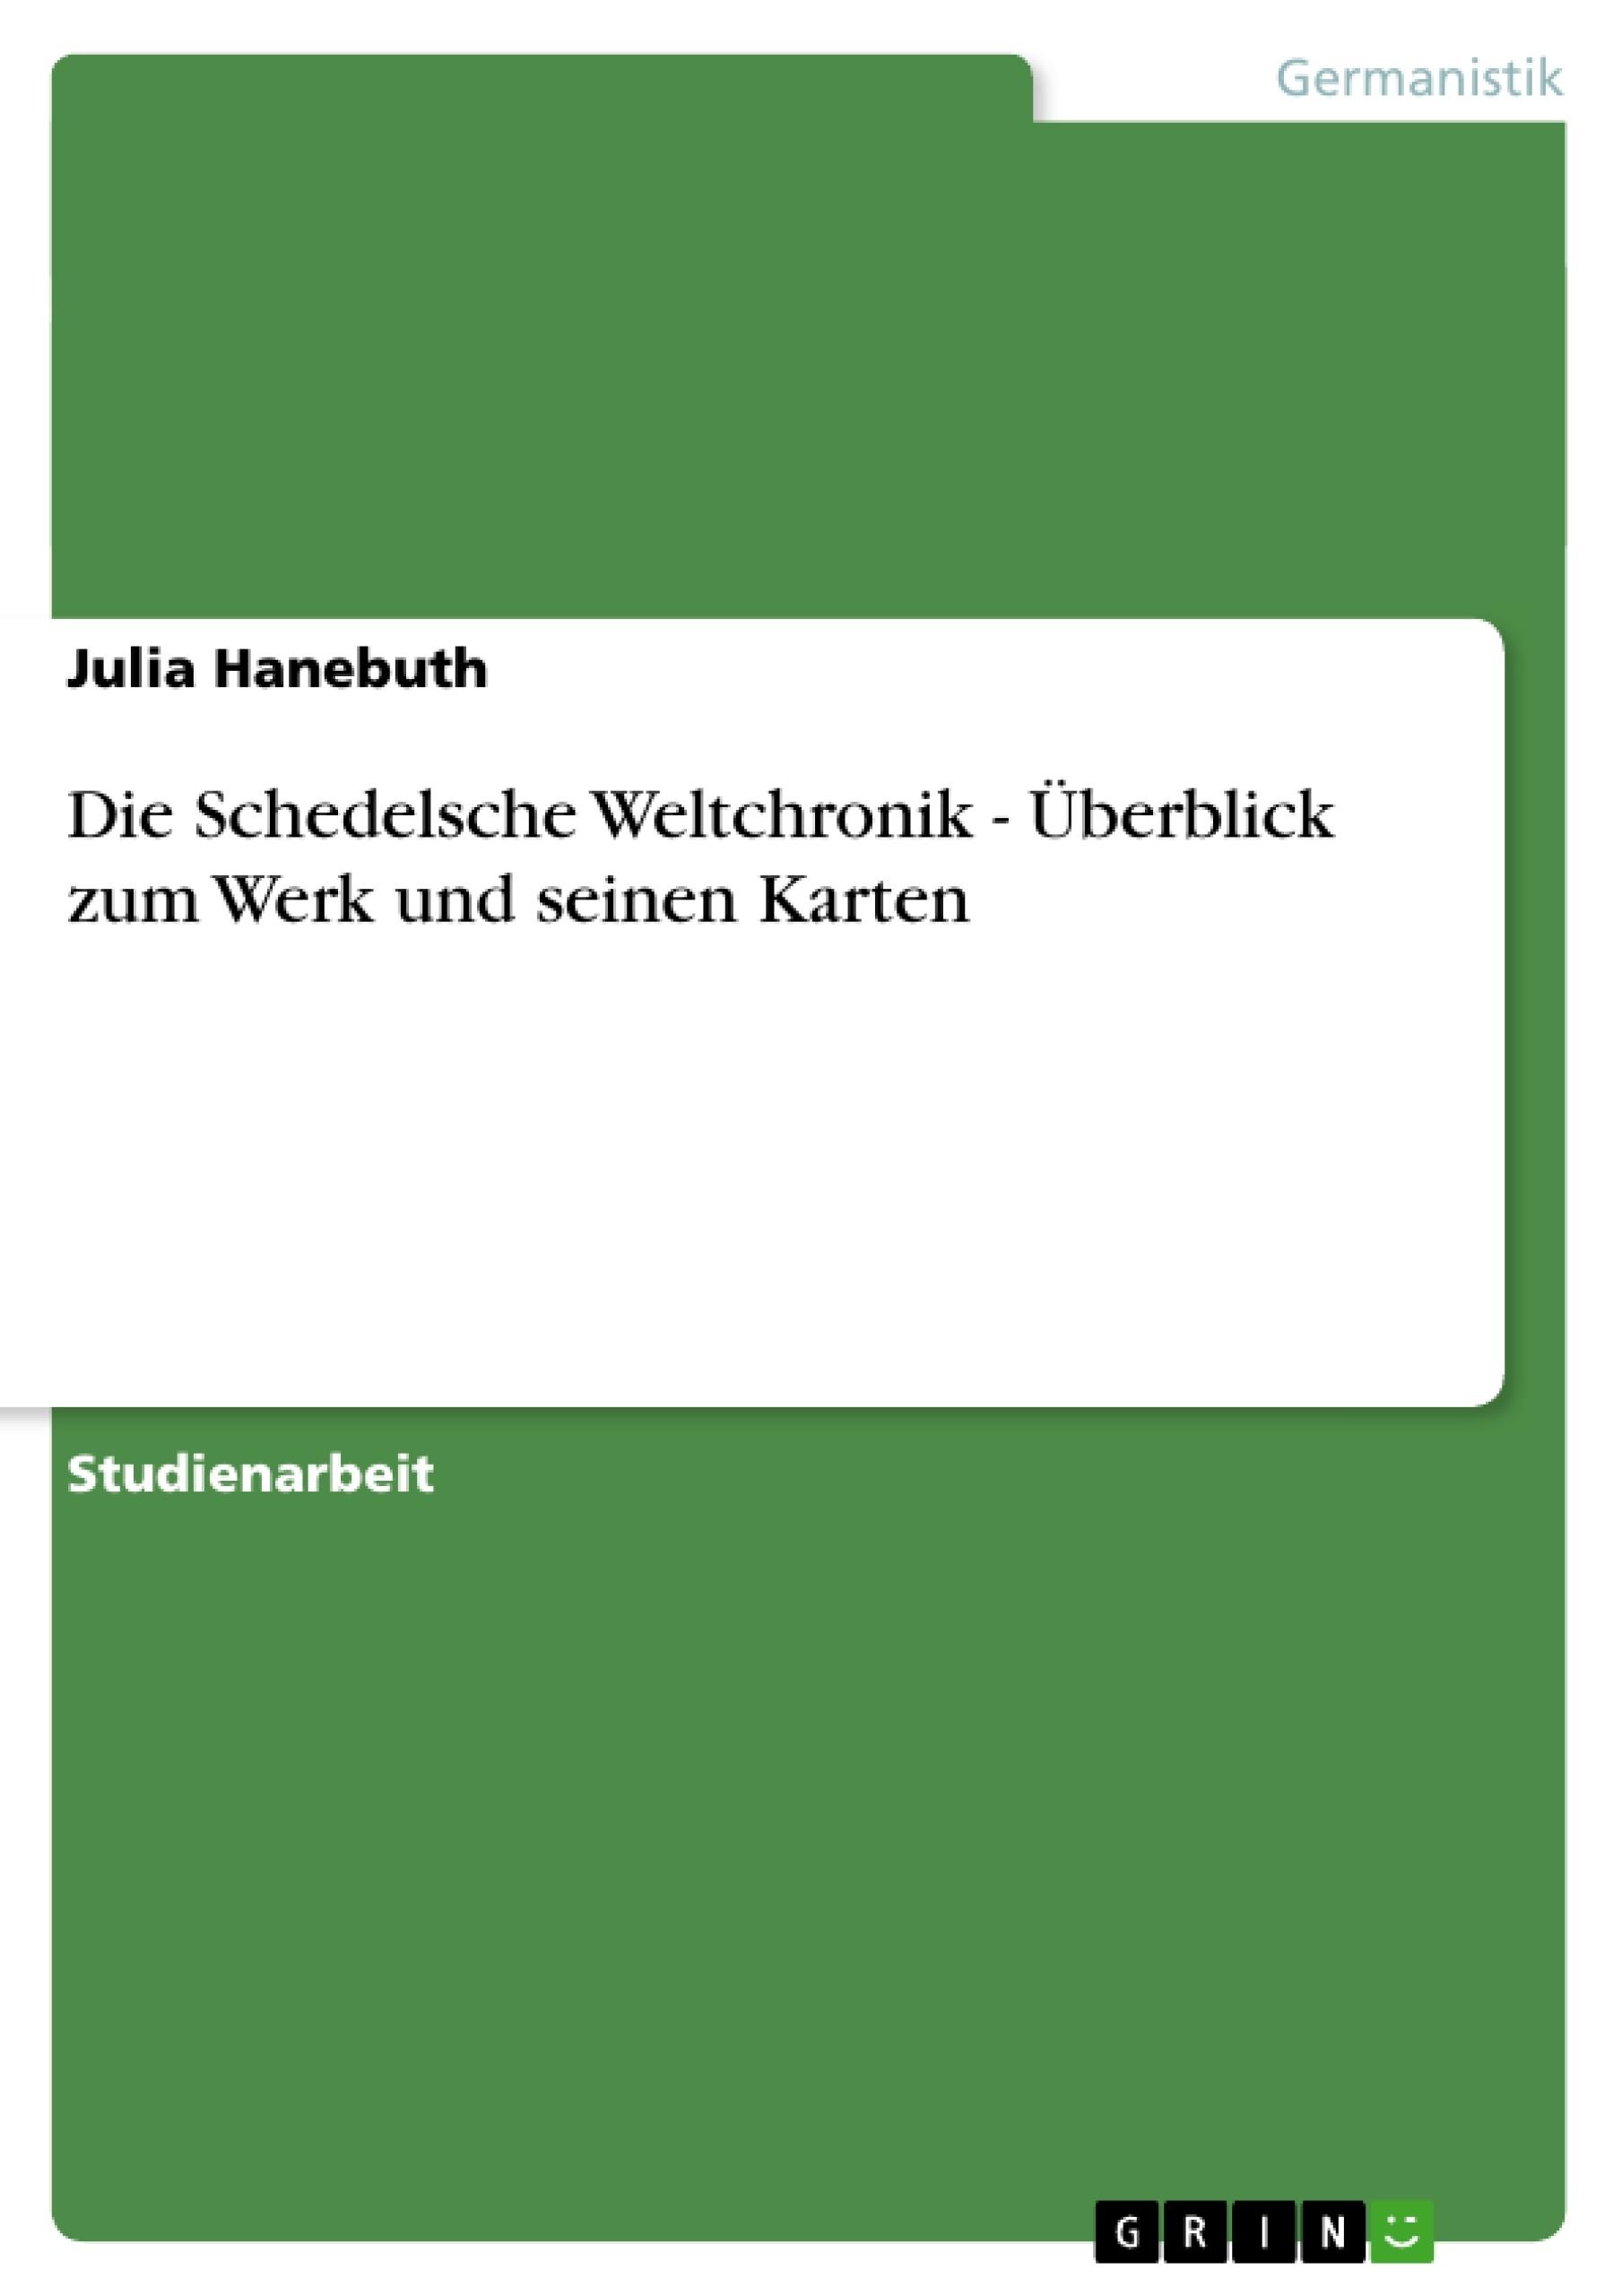 Titel: Die Schedelsche Weltchronik - Überblick zum Werk und seinen Karten